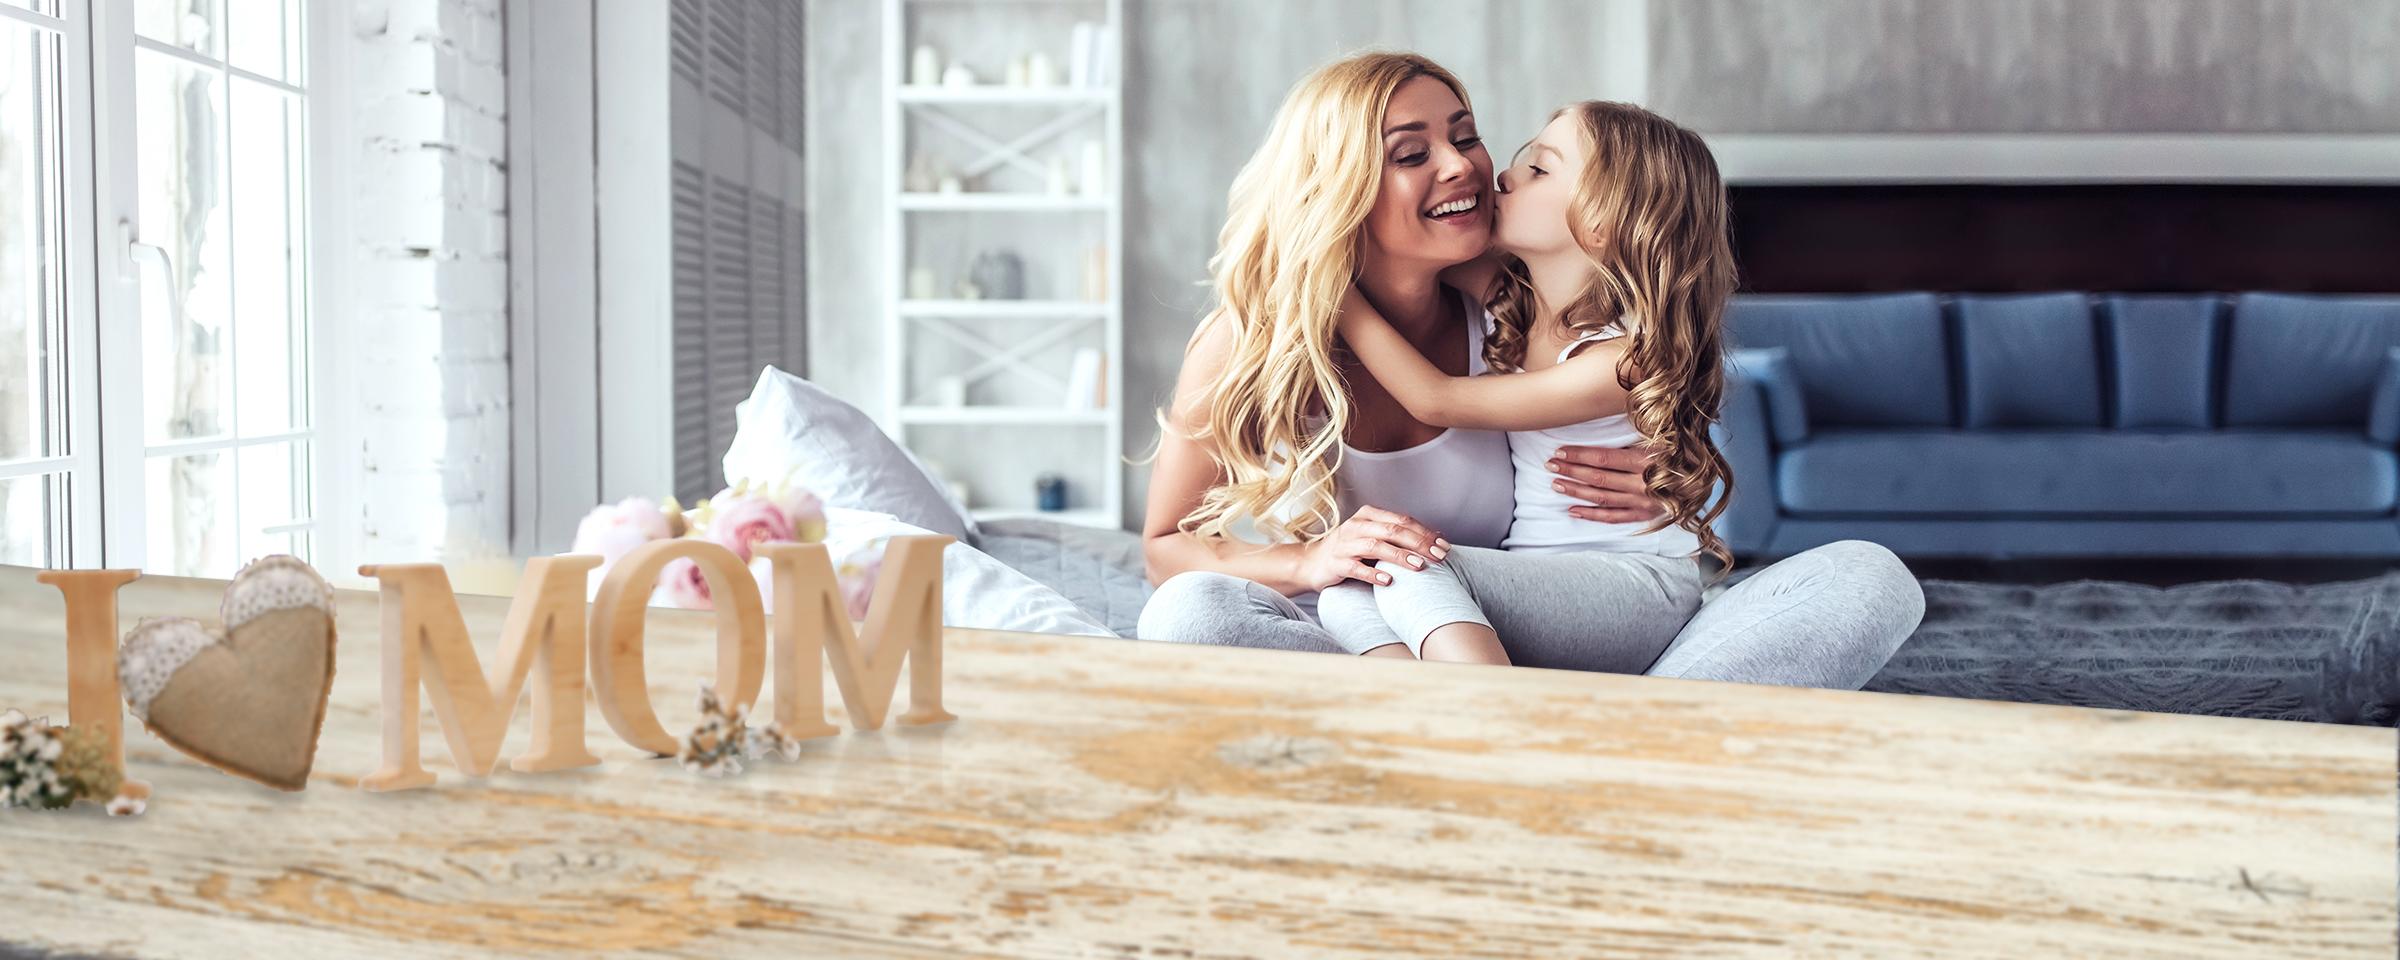 Cadeau fête des mères original : nos idées  & pêle-mêle DIY !